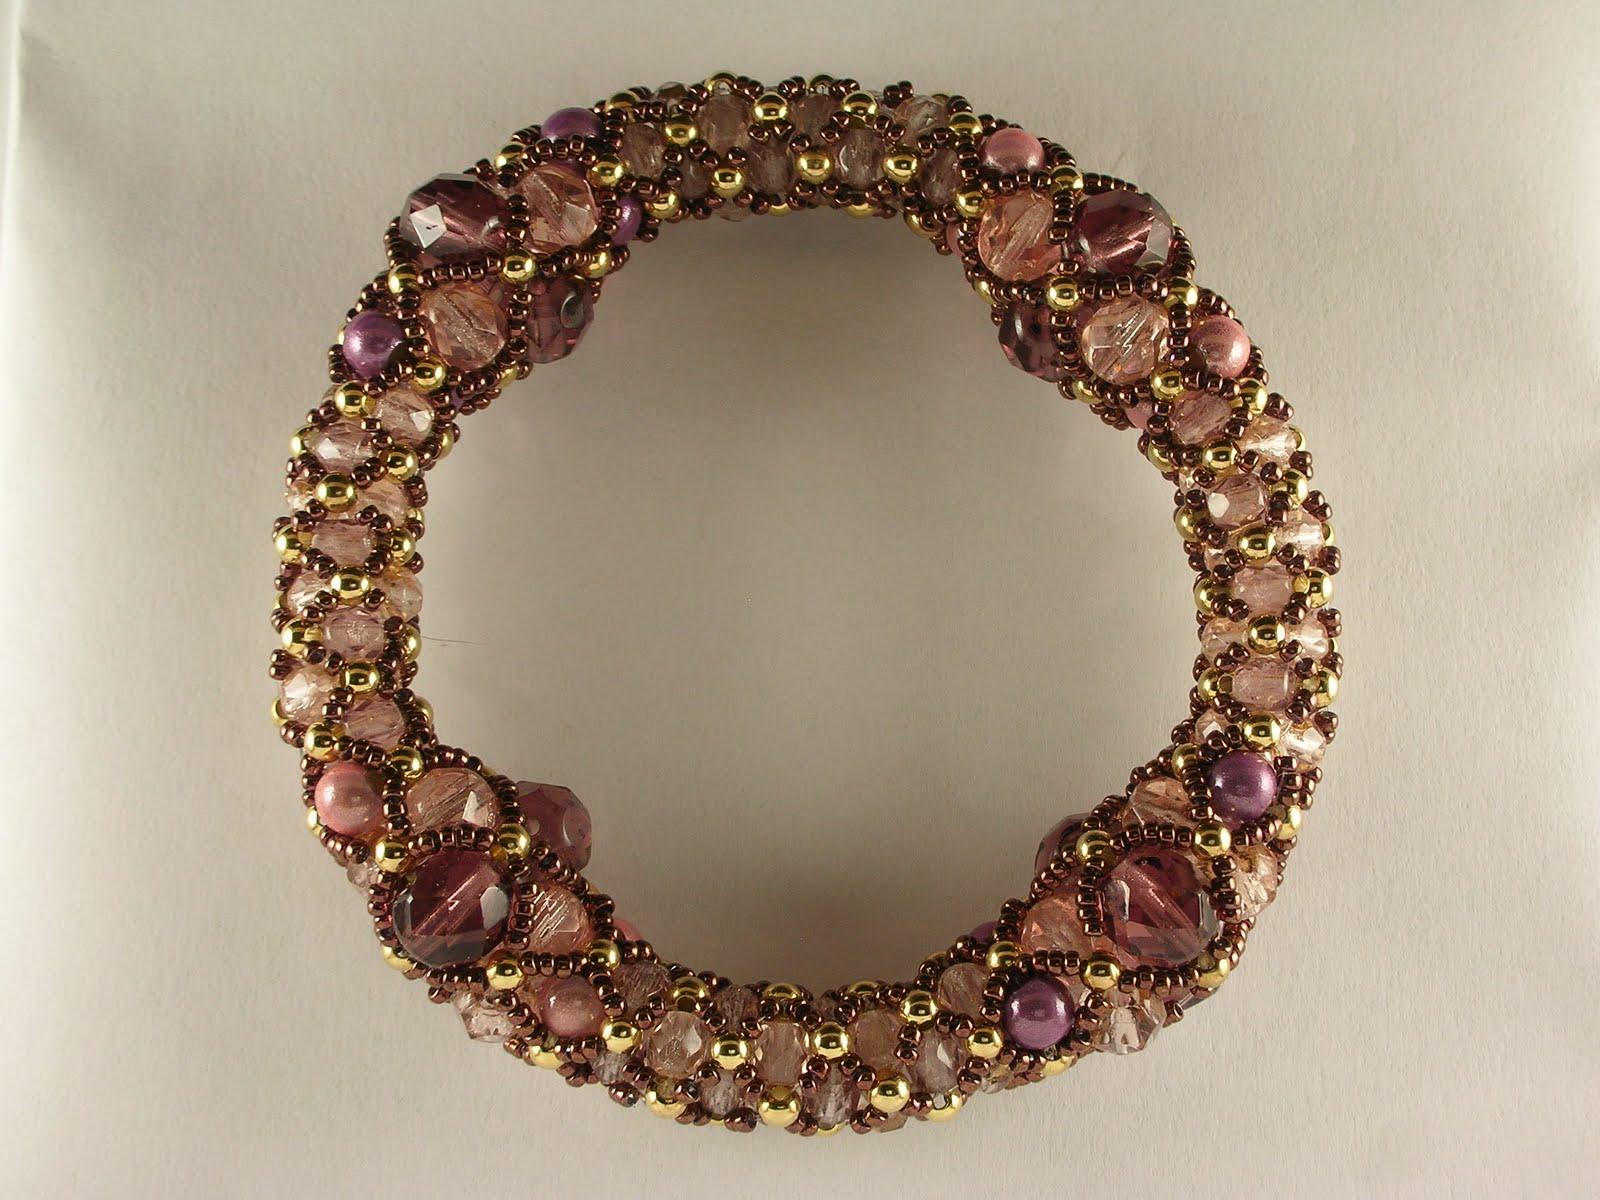 6rb intrecci di perle e nodi collane intrecciate - Collane di design ...